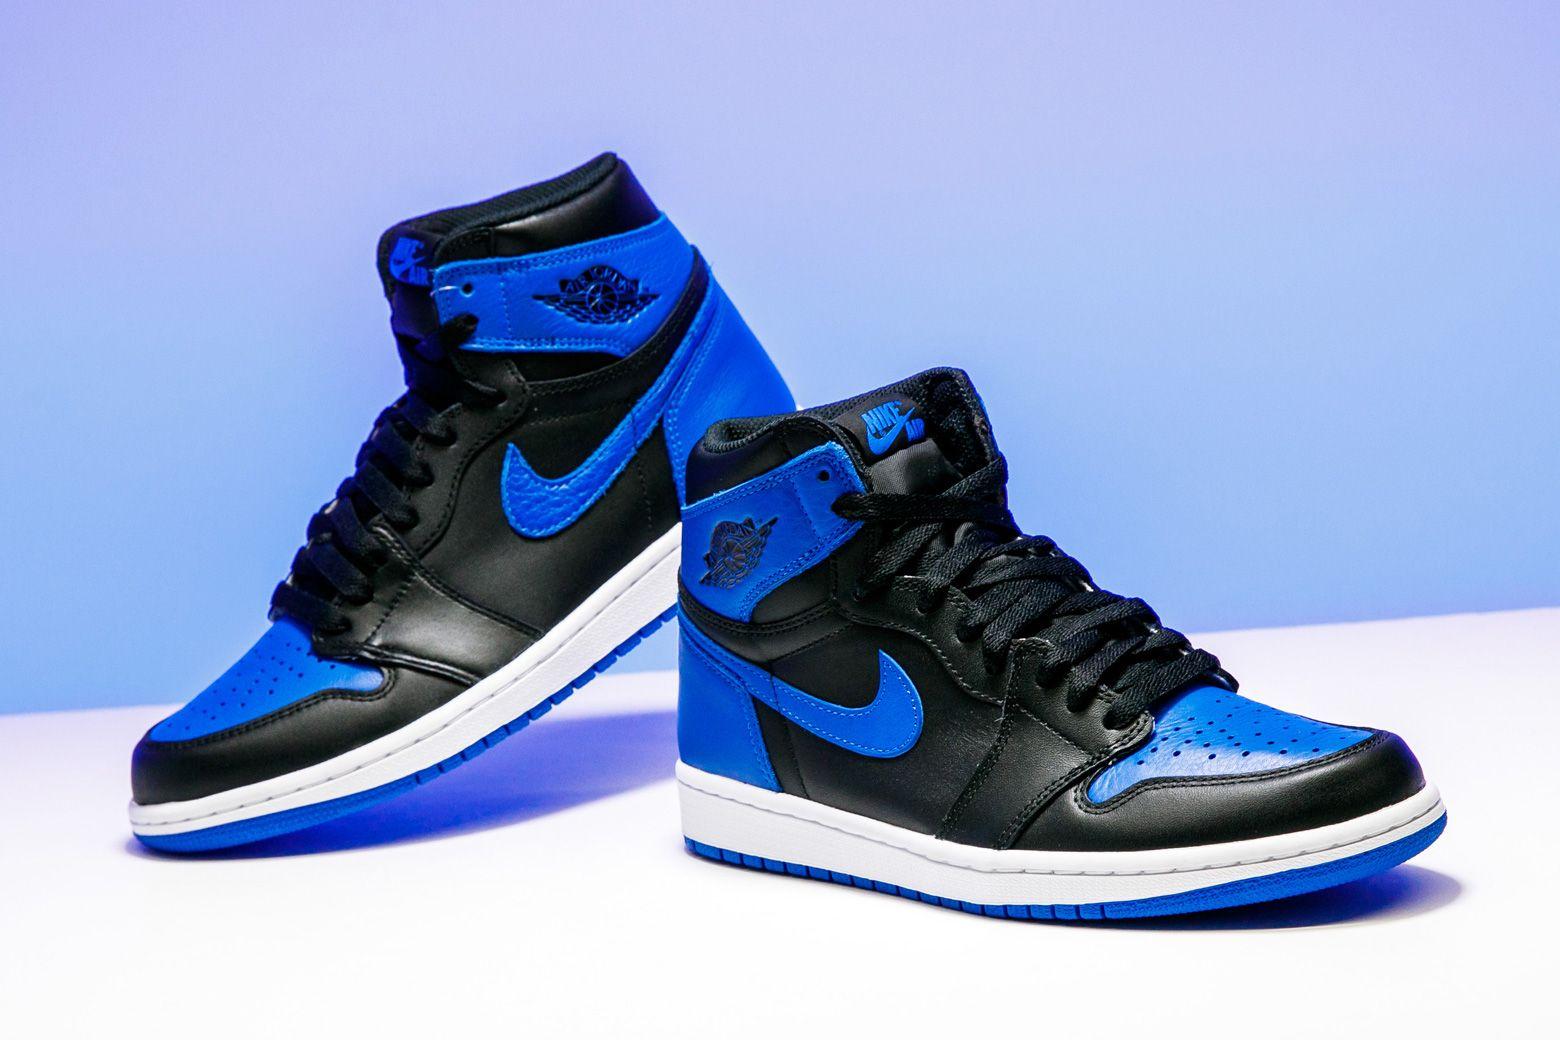 2017 Nike Air Jordan 1 Nike Retro High Og Royal Blue Air Jordan 1 Retro High Og 2017 Royal 555088 007 In 2020 Air Jordans Retro Air Jordans Jordan 1 Retro High